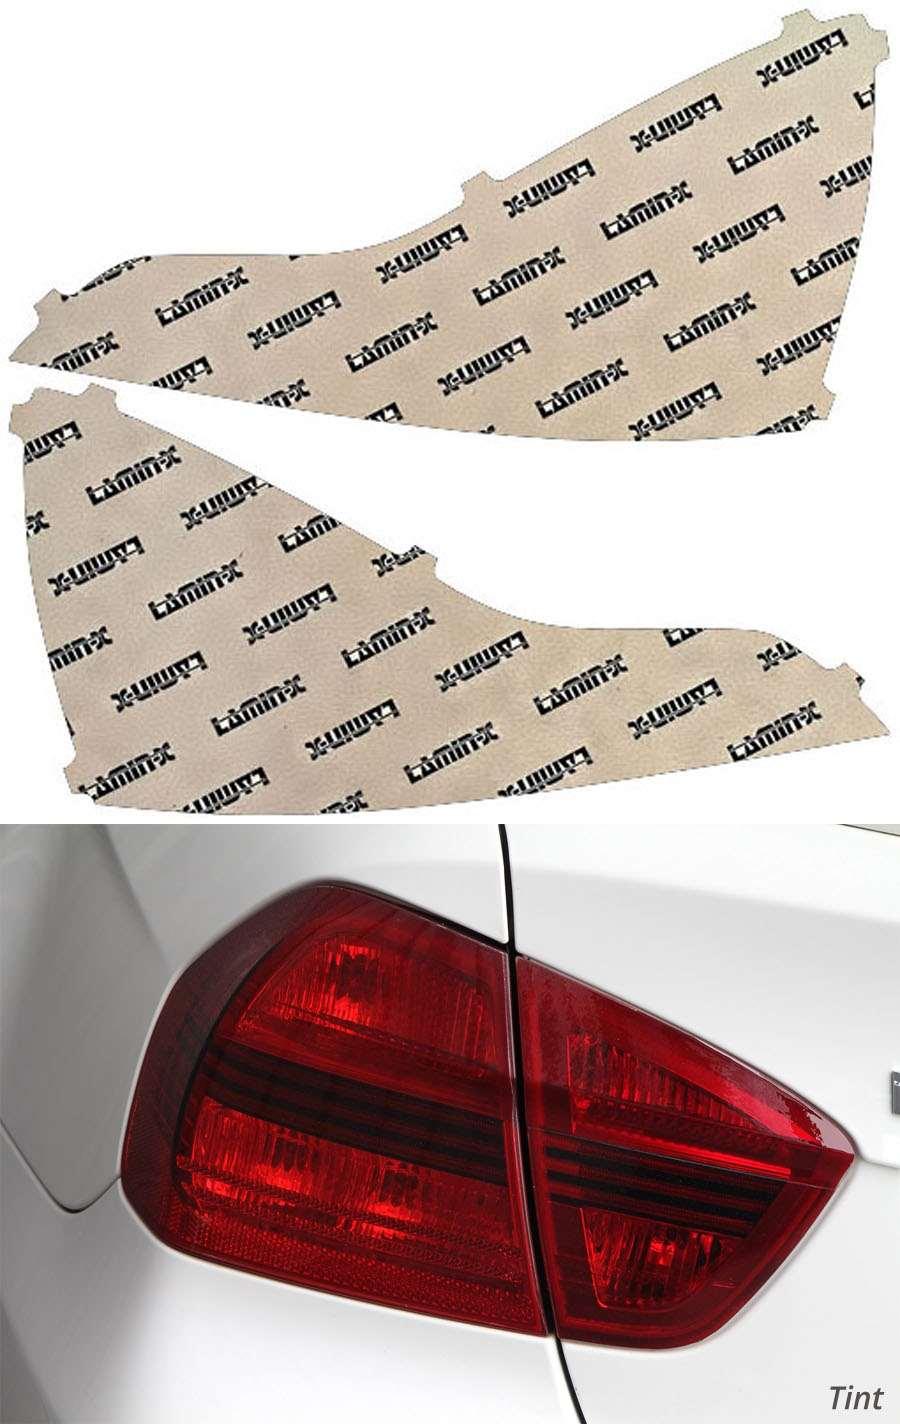 Infiniti G37 IPL Coupe 11-15 Tint Tail Light Covers Lamin-X I611T